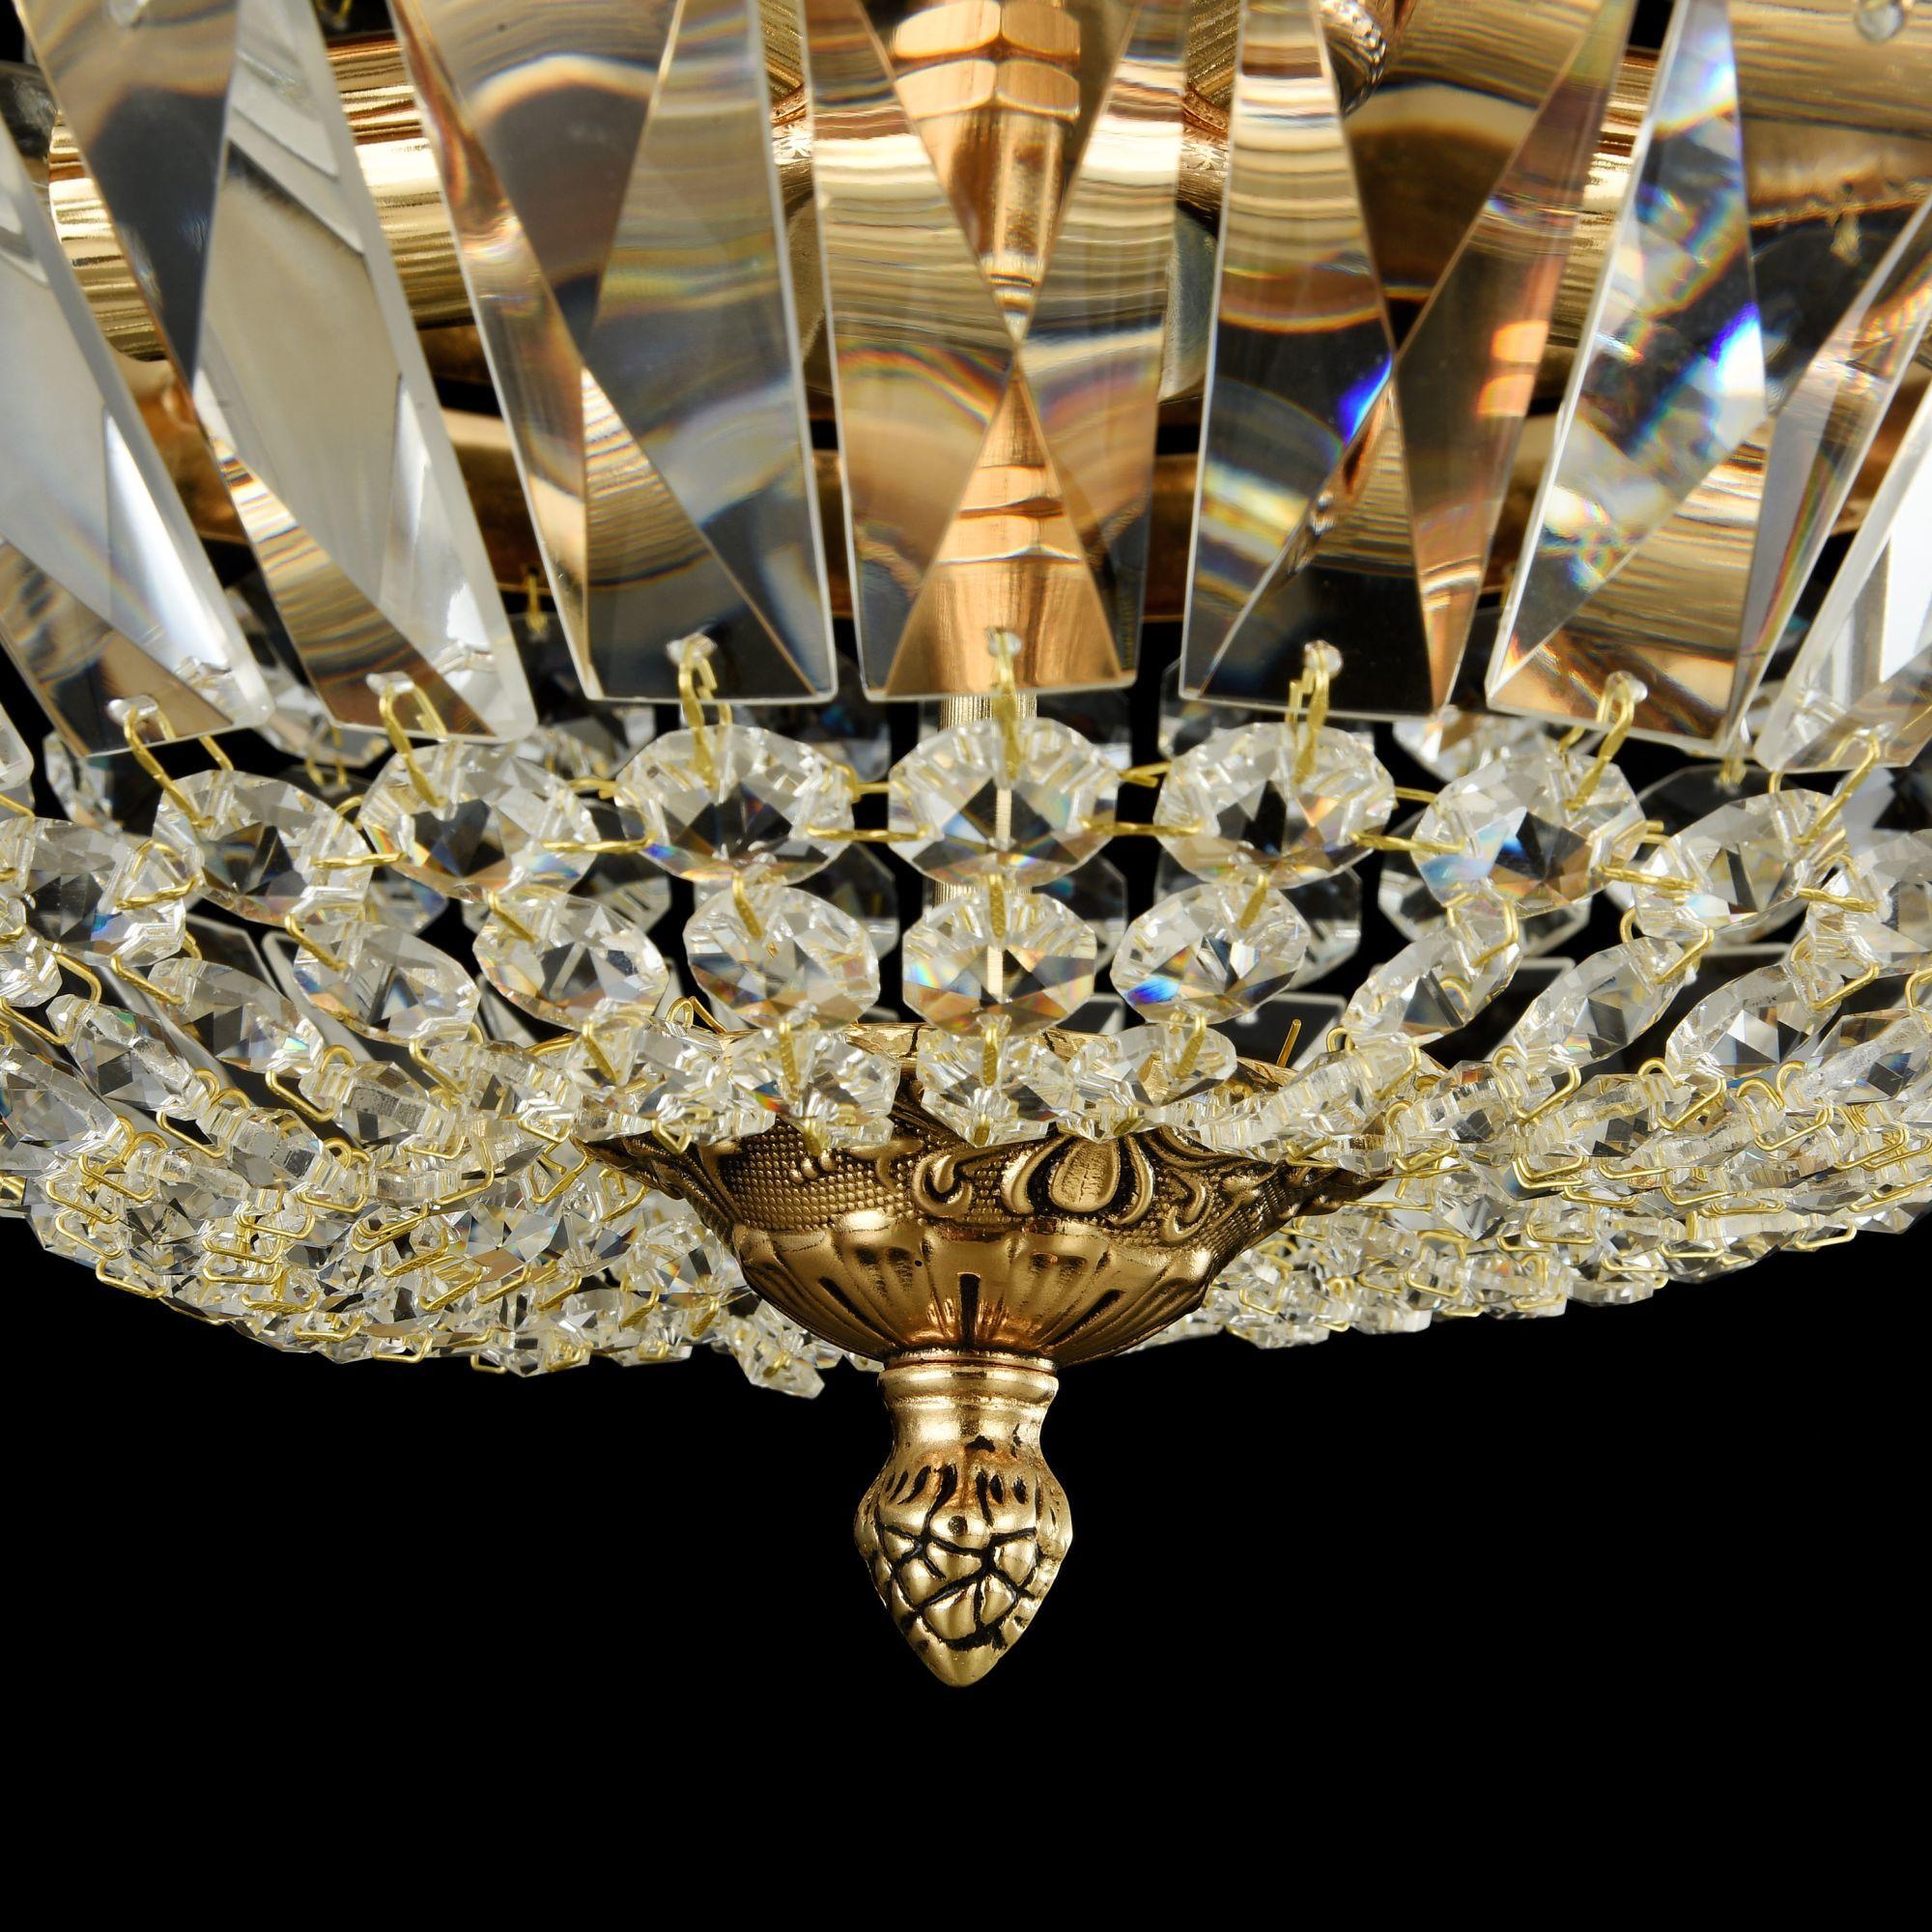 Потолочная люстра Maytoni Tiara DIA500-CL-30-05-G (b500-pt30-g), 5xE14x60W, черненое золото, прозрачный, металл, хрусталь - фото 5